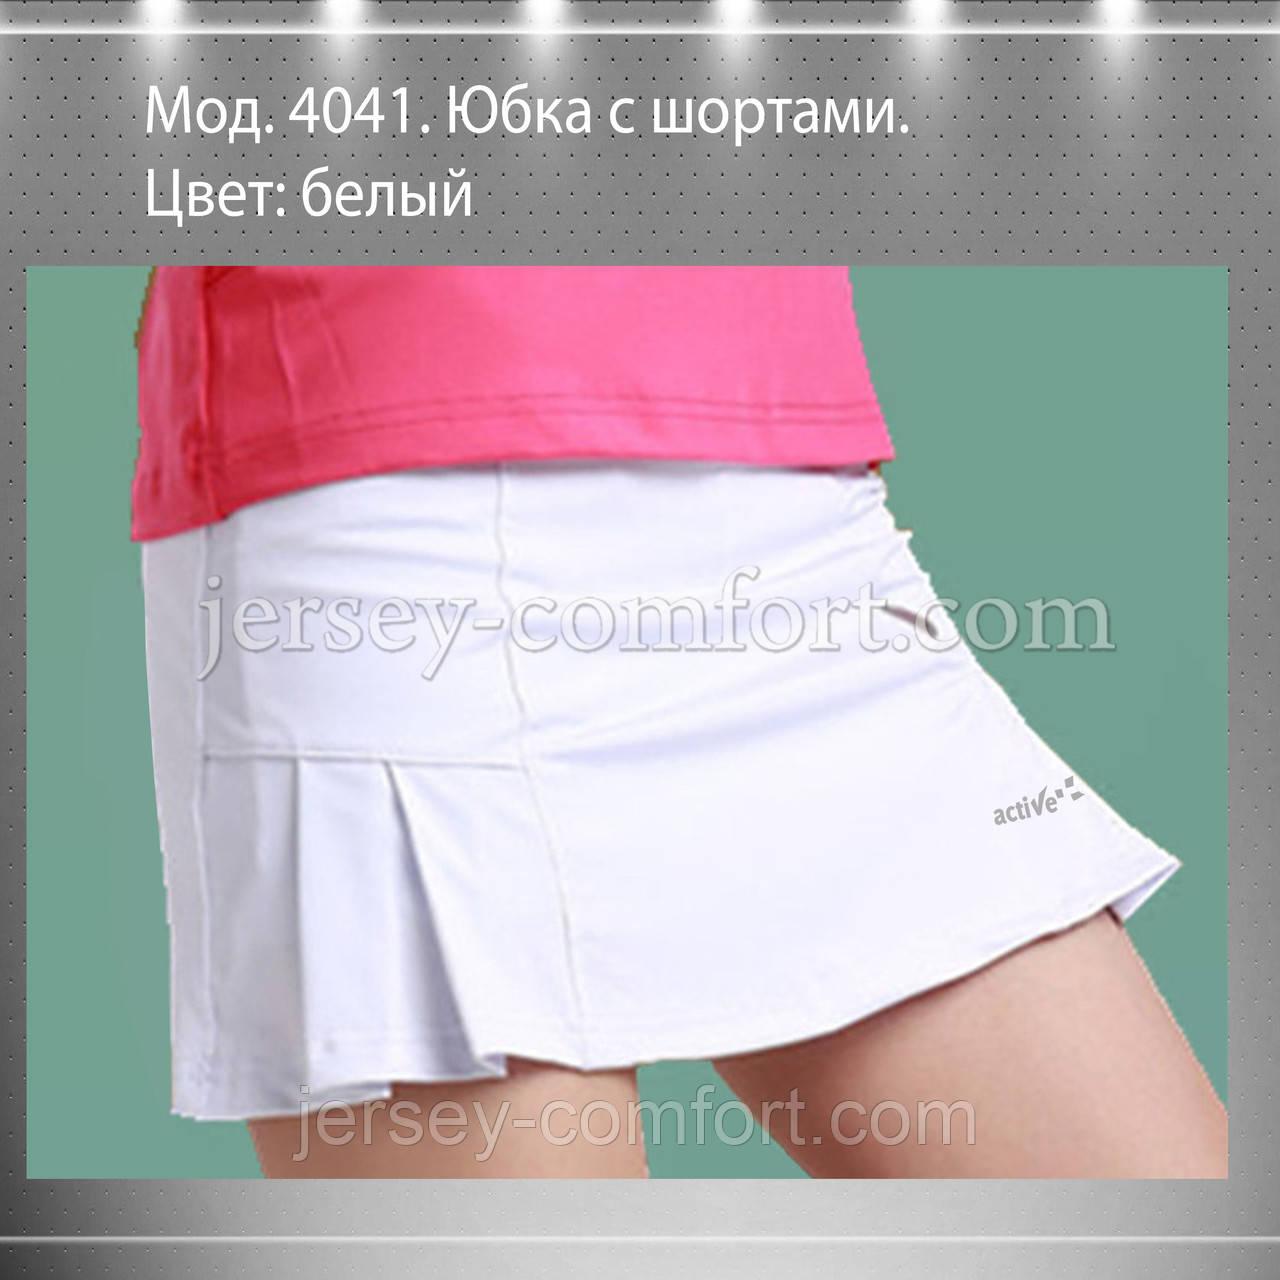 Юбка с шортами белая. Юбка спортивная. Мод. 4041